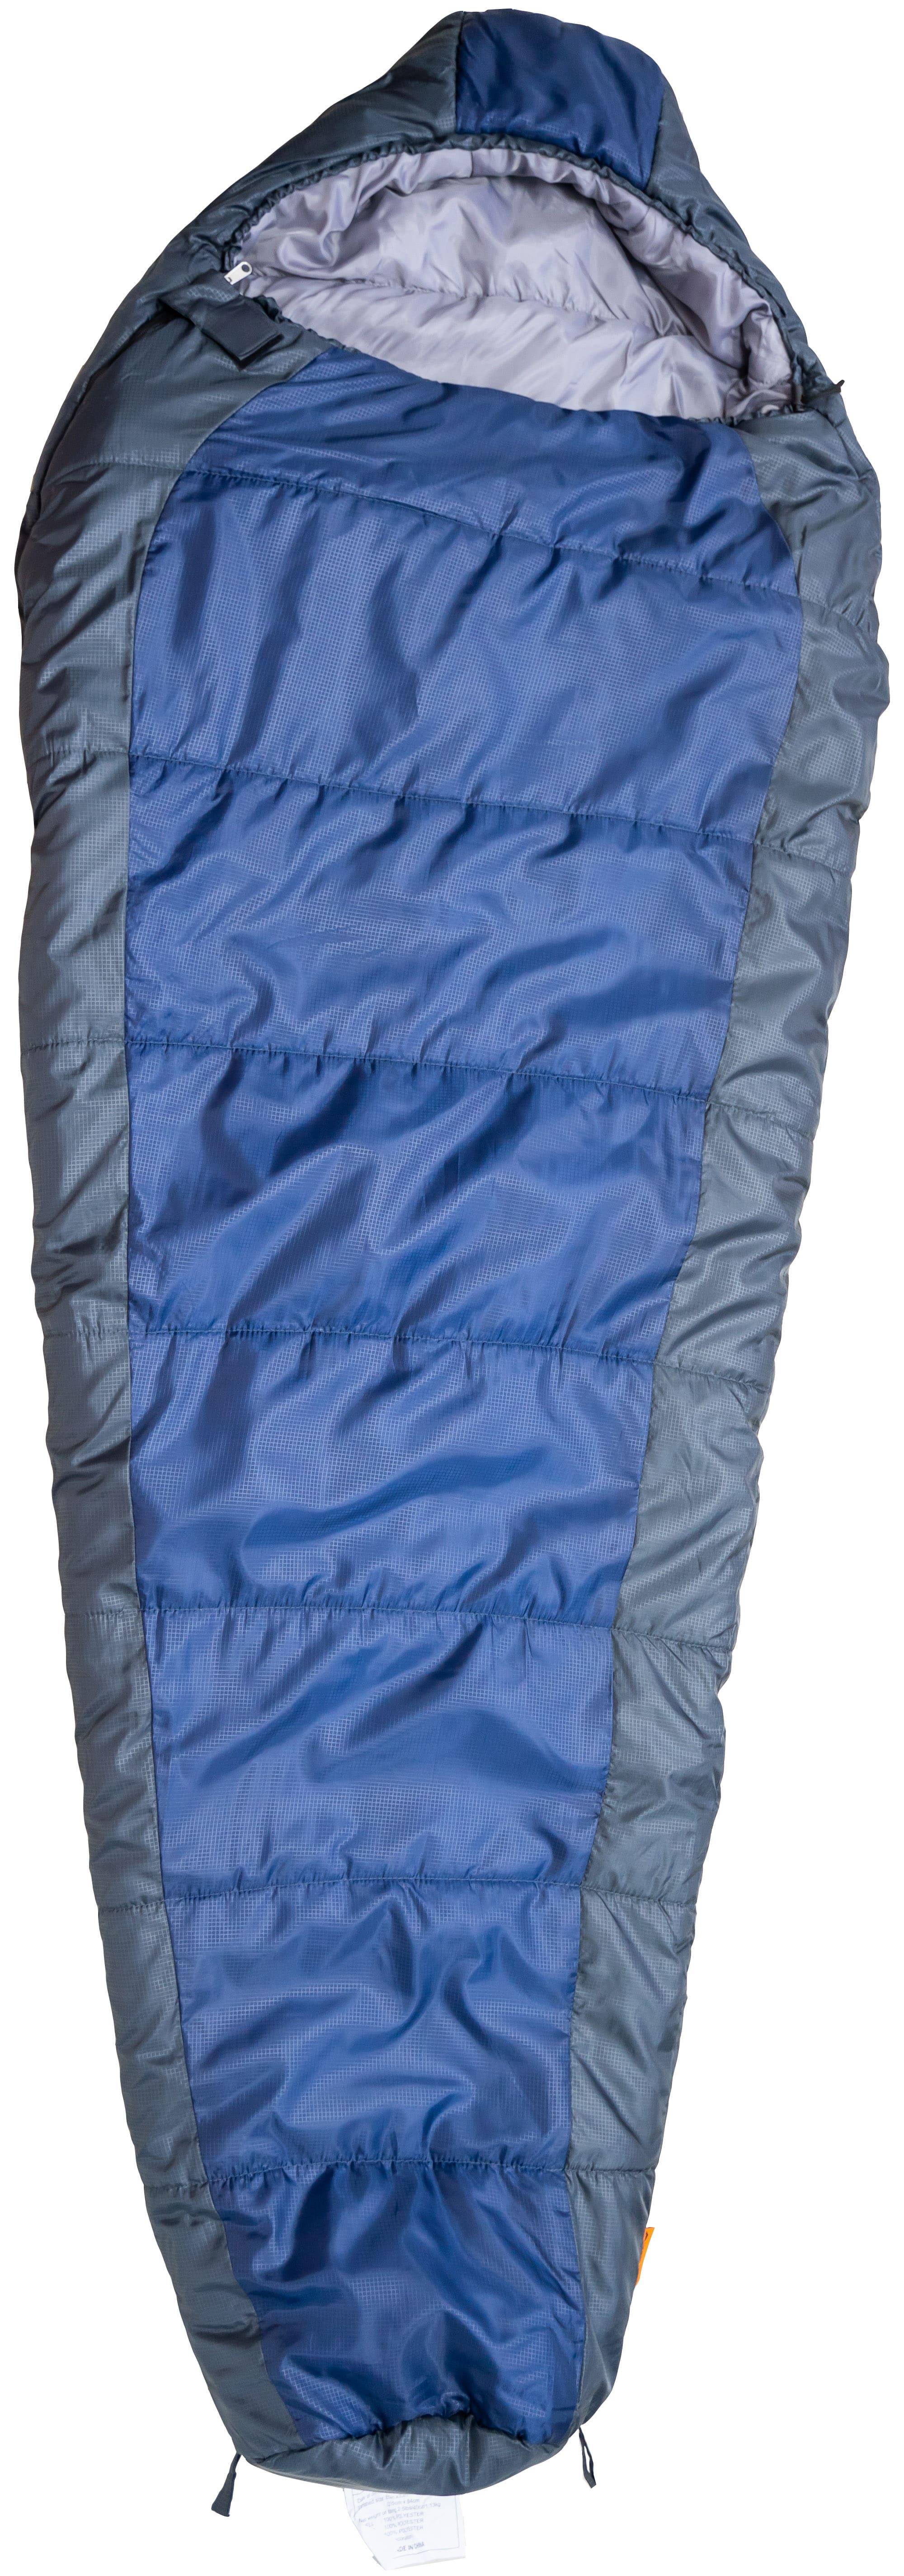 Ozark Trail 30F Synthetic Mummy Sleeping Bag